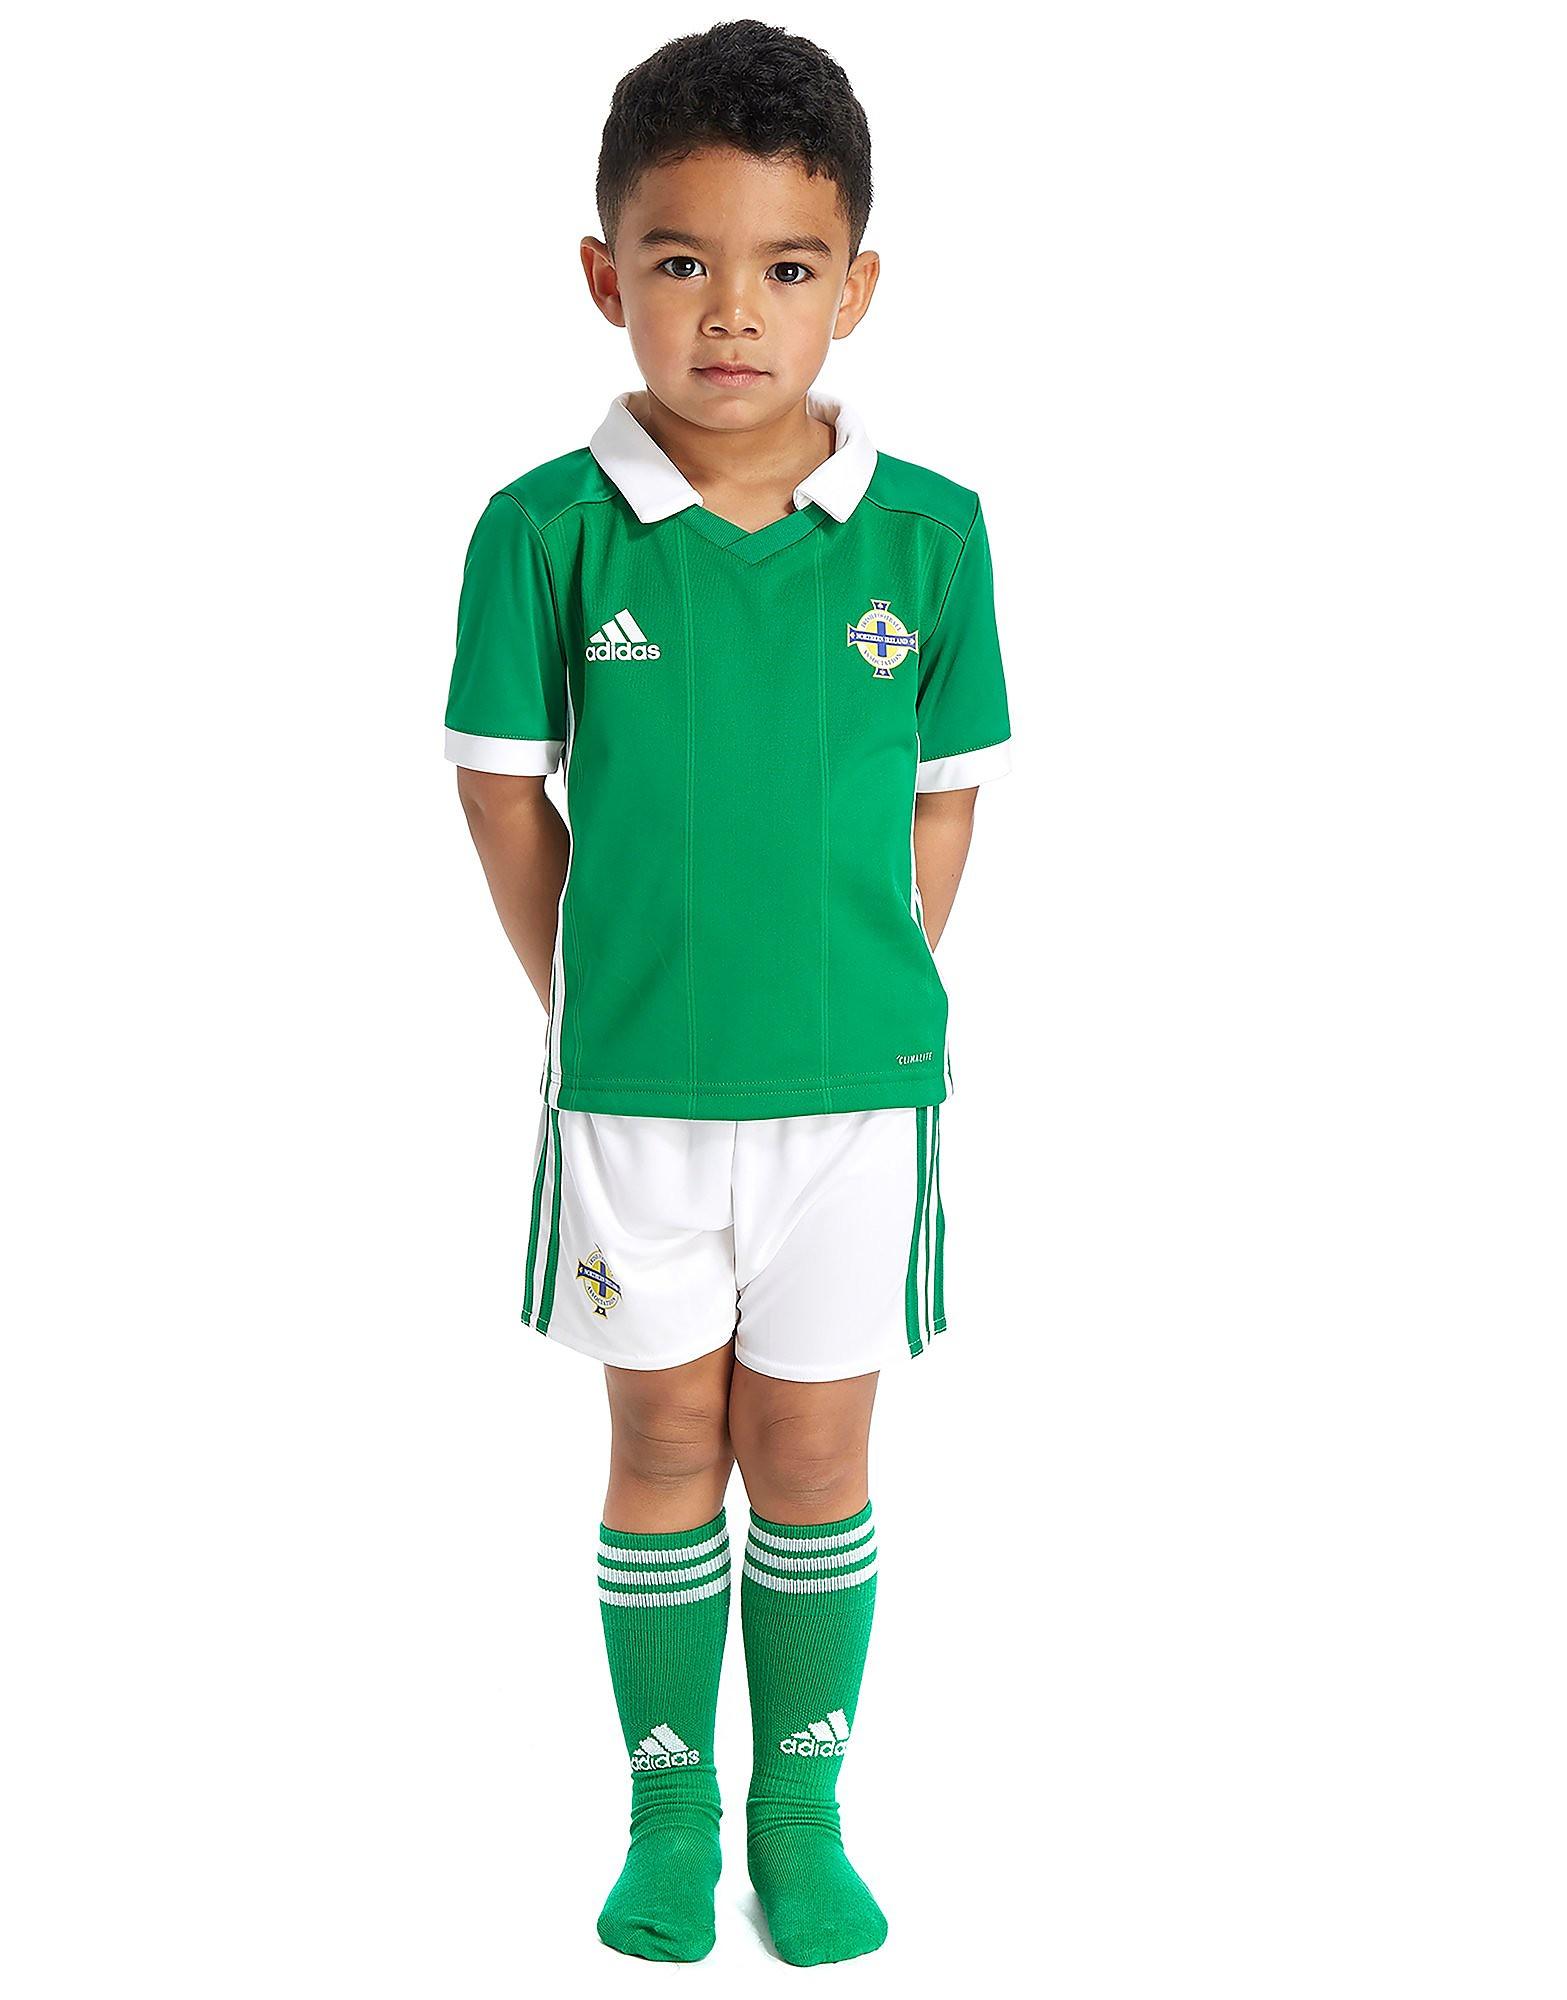 adidas Northern Ireland 2017/18 Home Kit Children